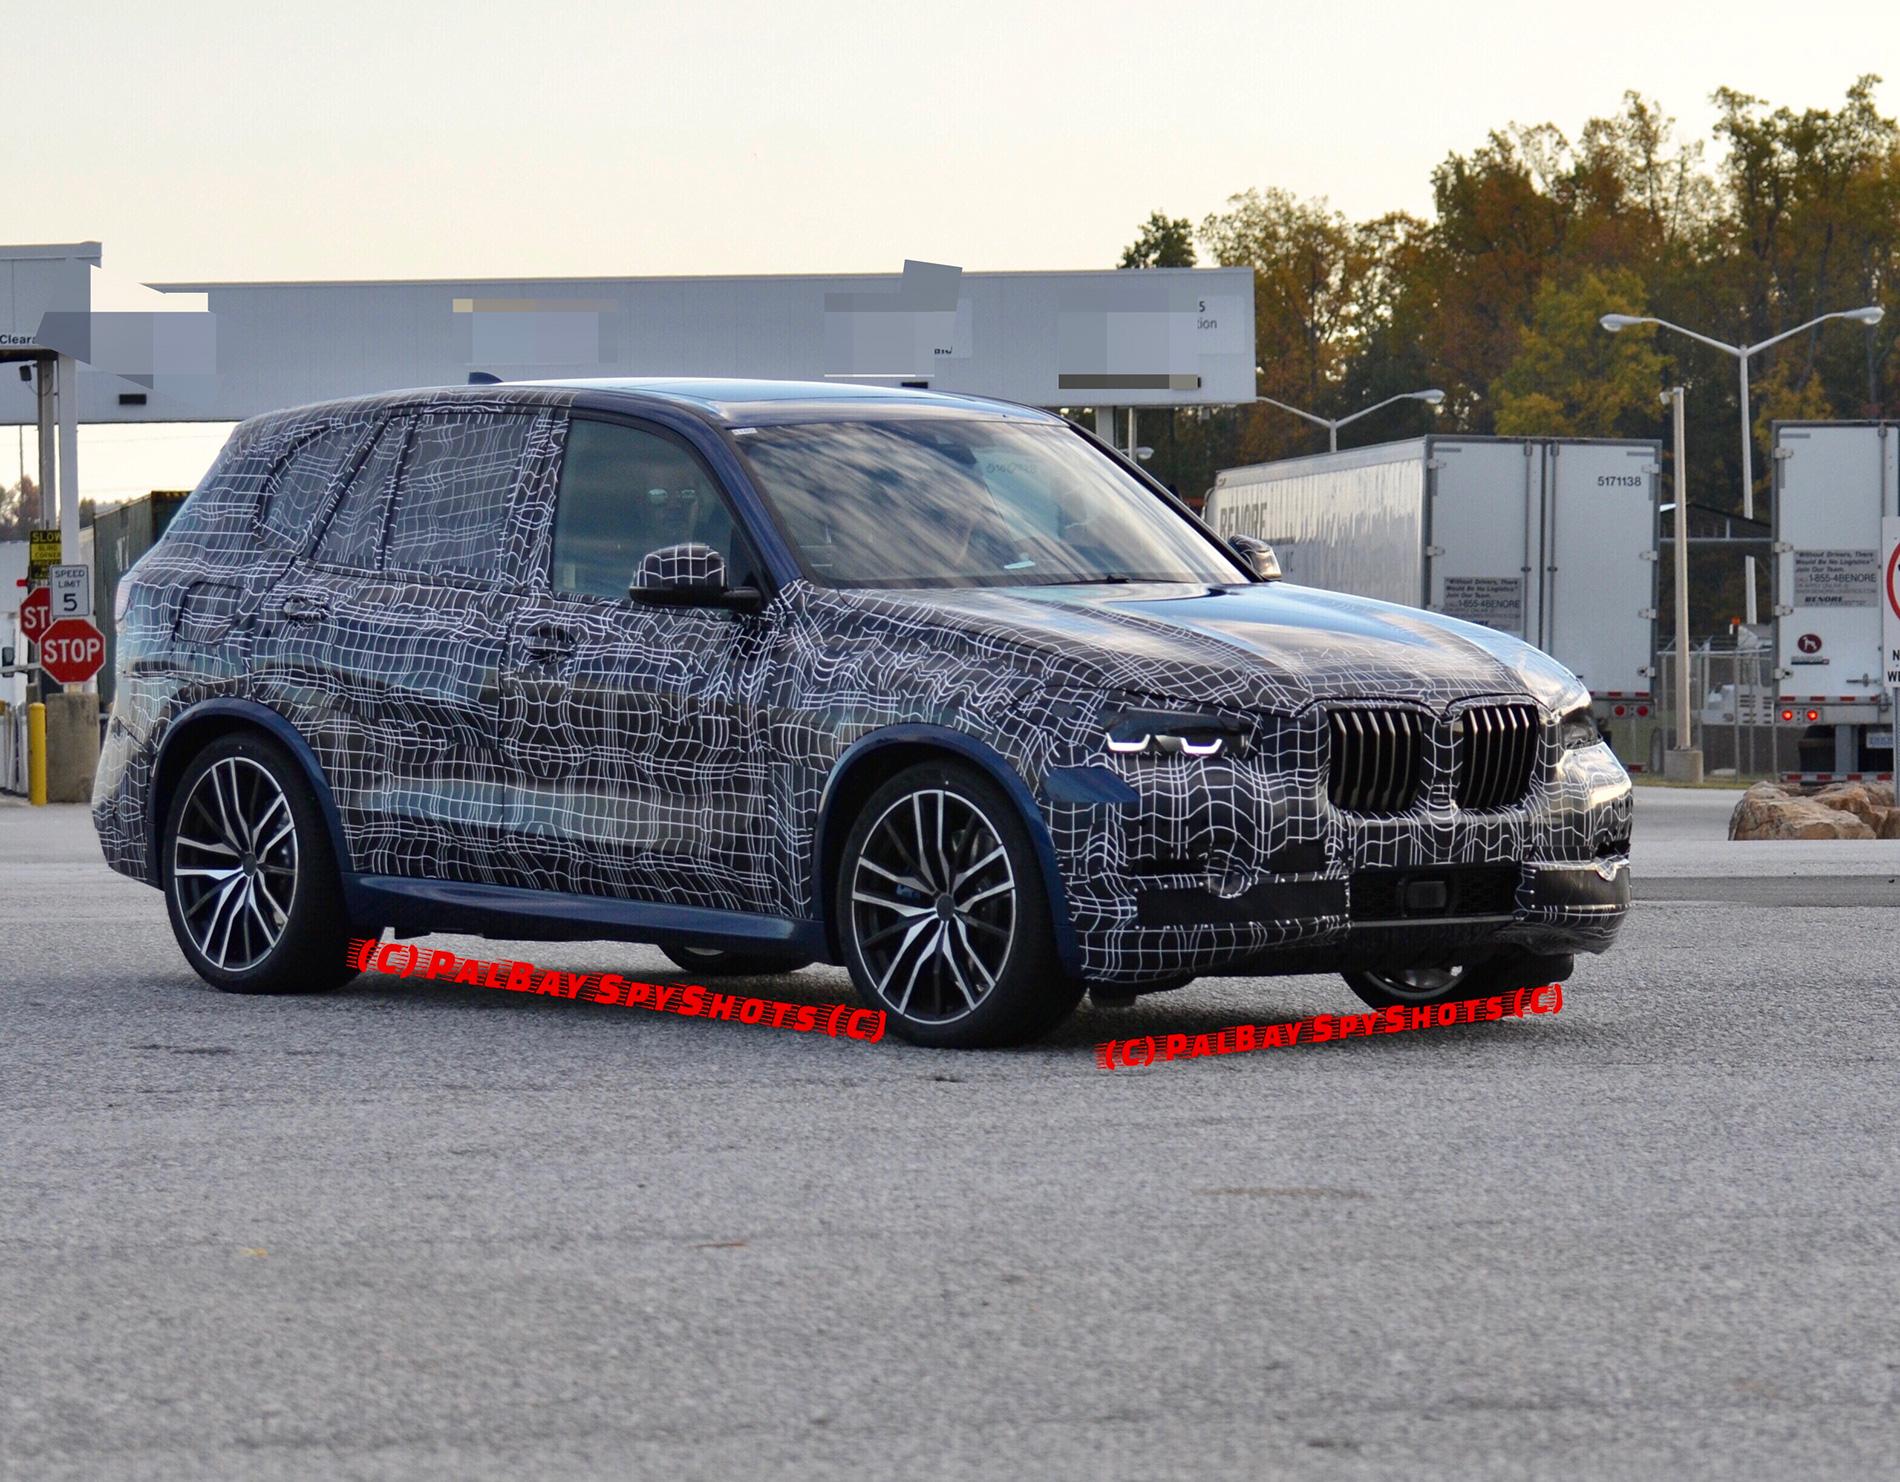 2018 BMW X5 G05 test mule